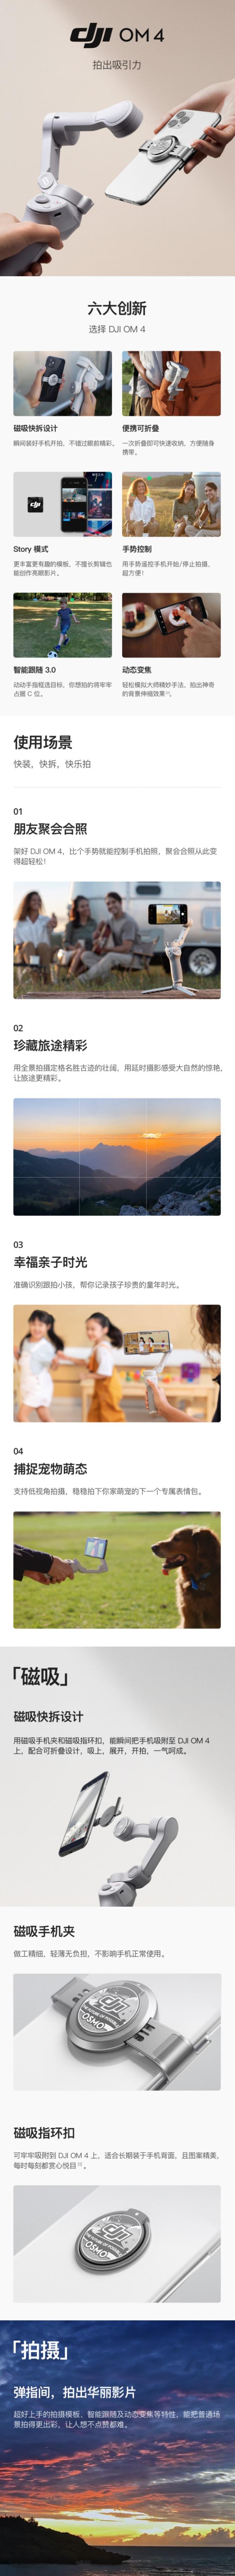 历史新低!DJI 大疆 OM 4 磁吸手机云台 129.99加元包邮!